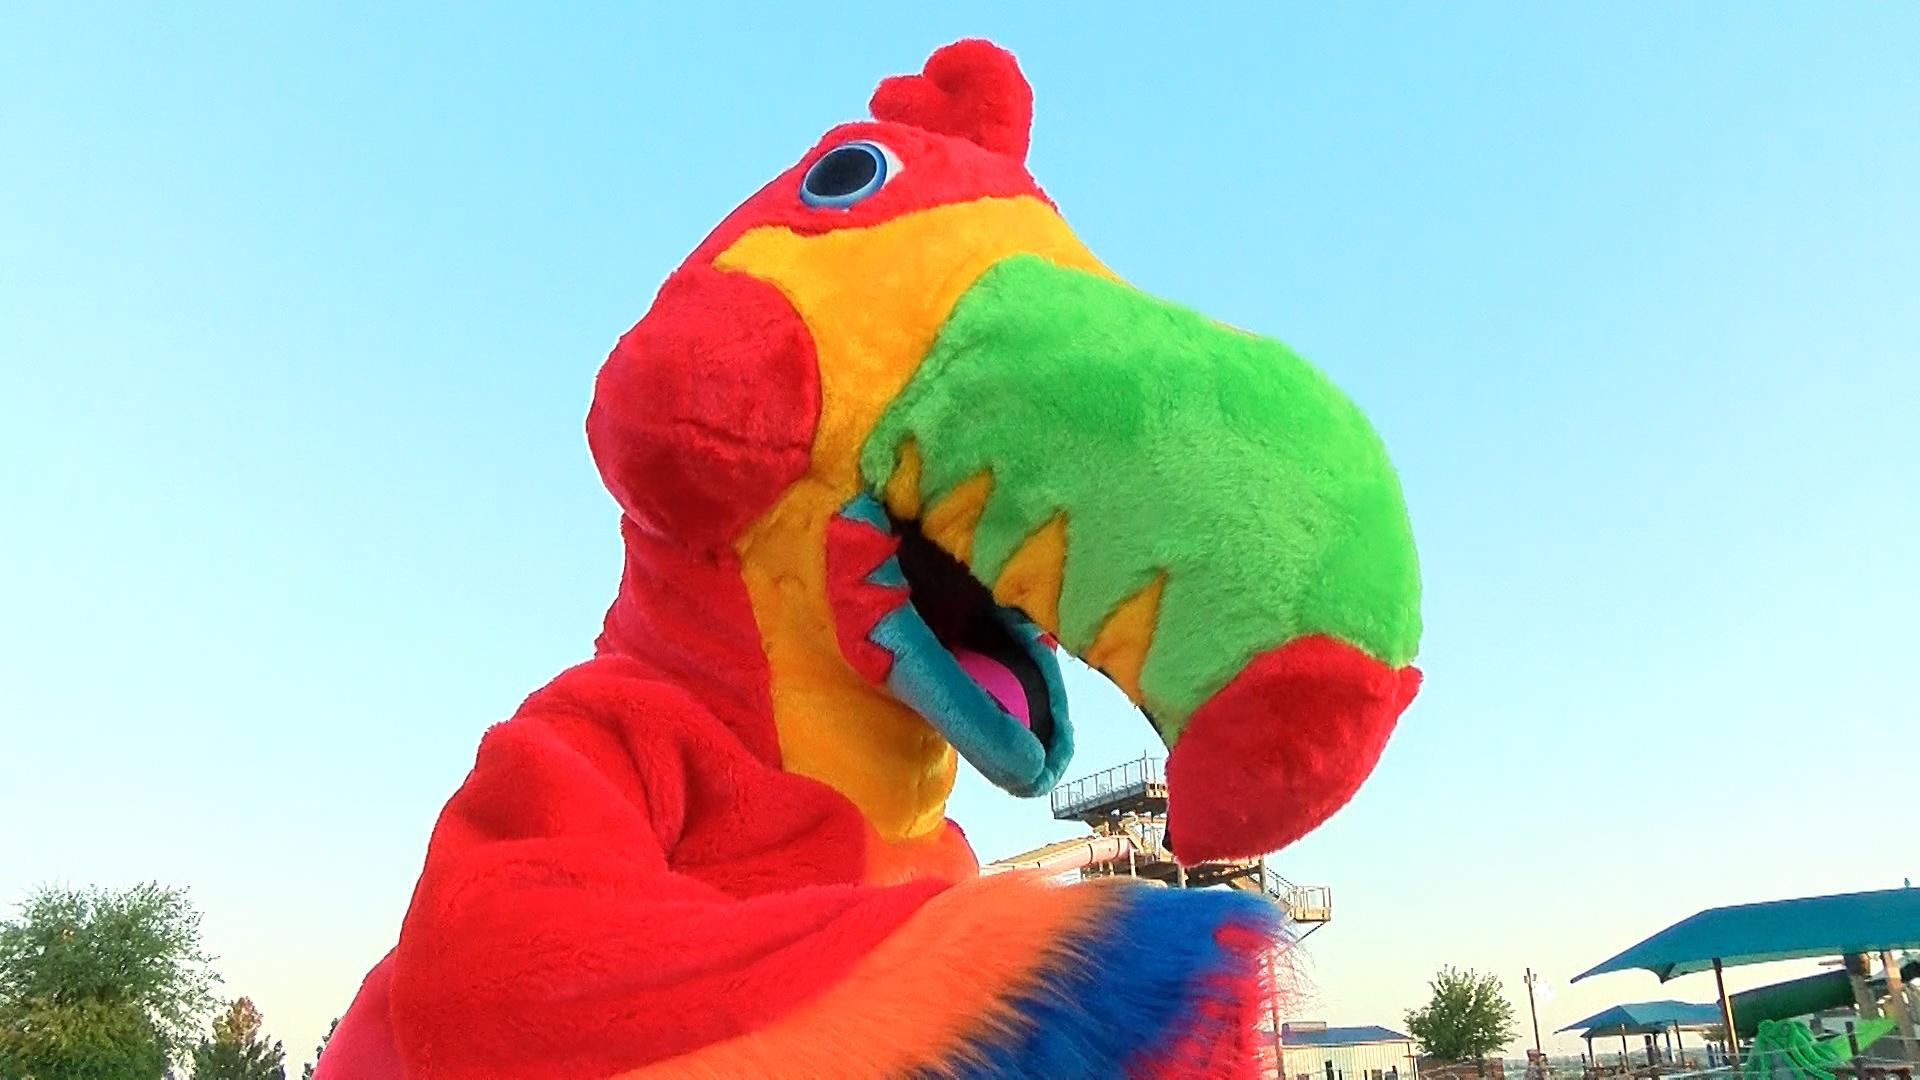 Castaway Cove Mascot